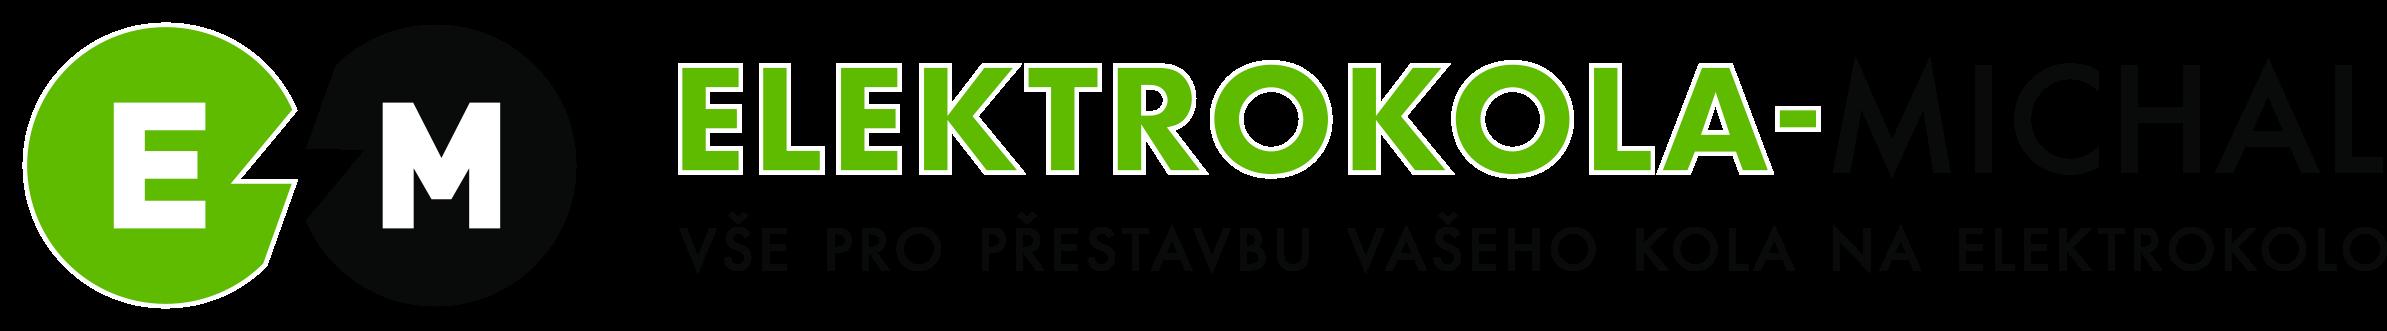 Elektrokola Michal